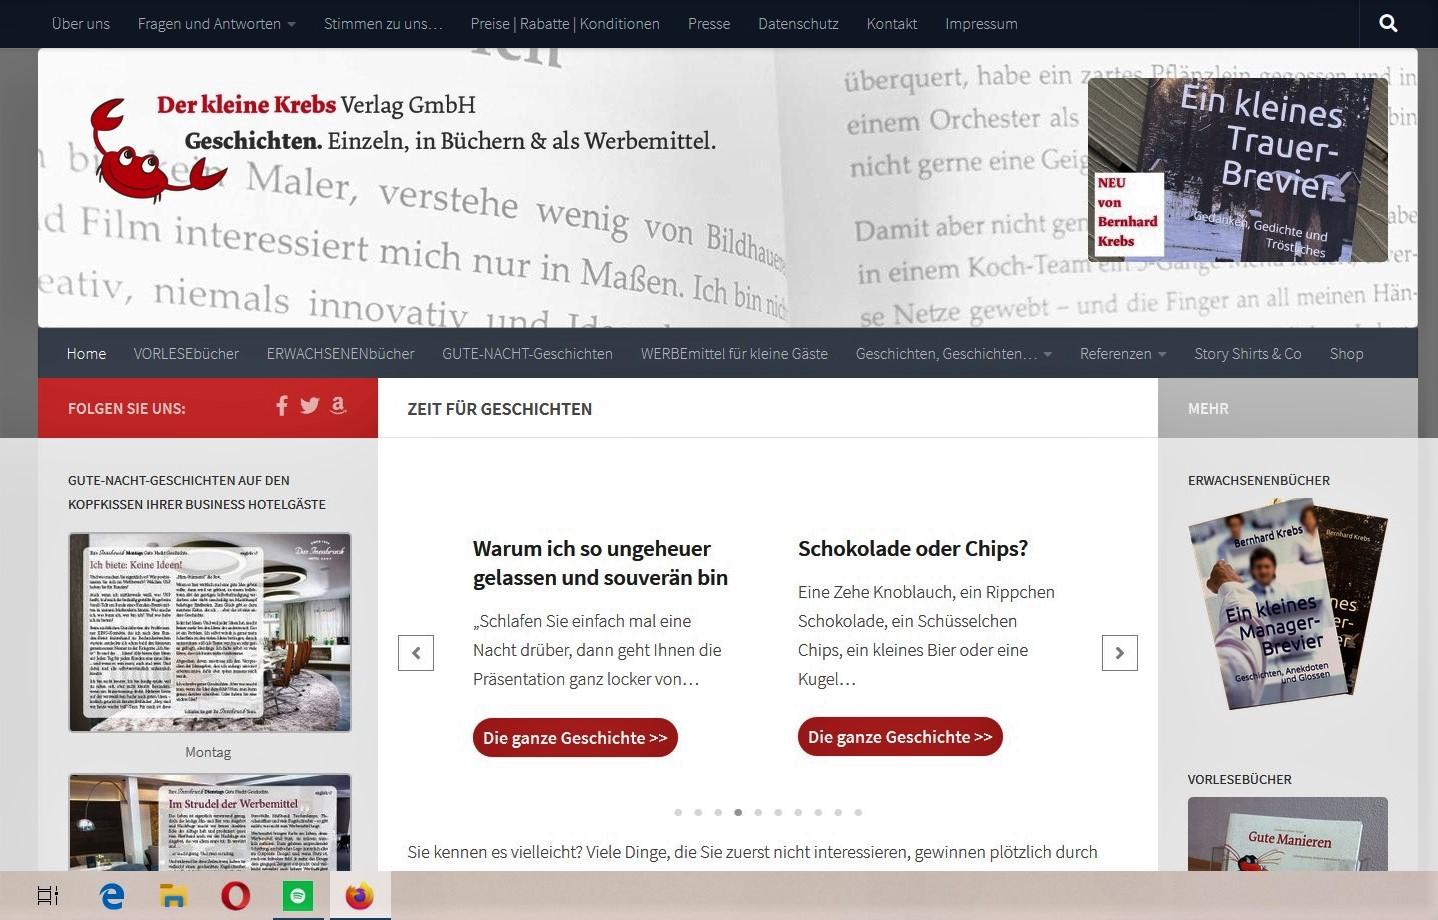 """Neu: """"Ein kleines Trauerbrevier"""" von Bernhard Krebs"""